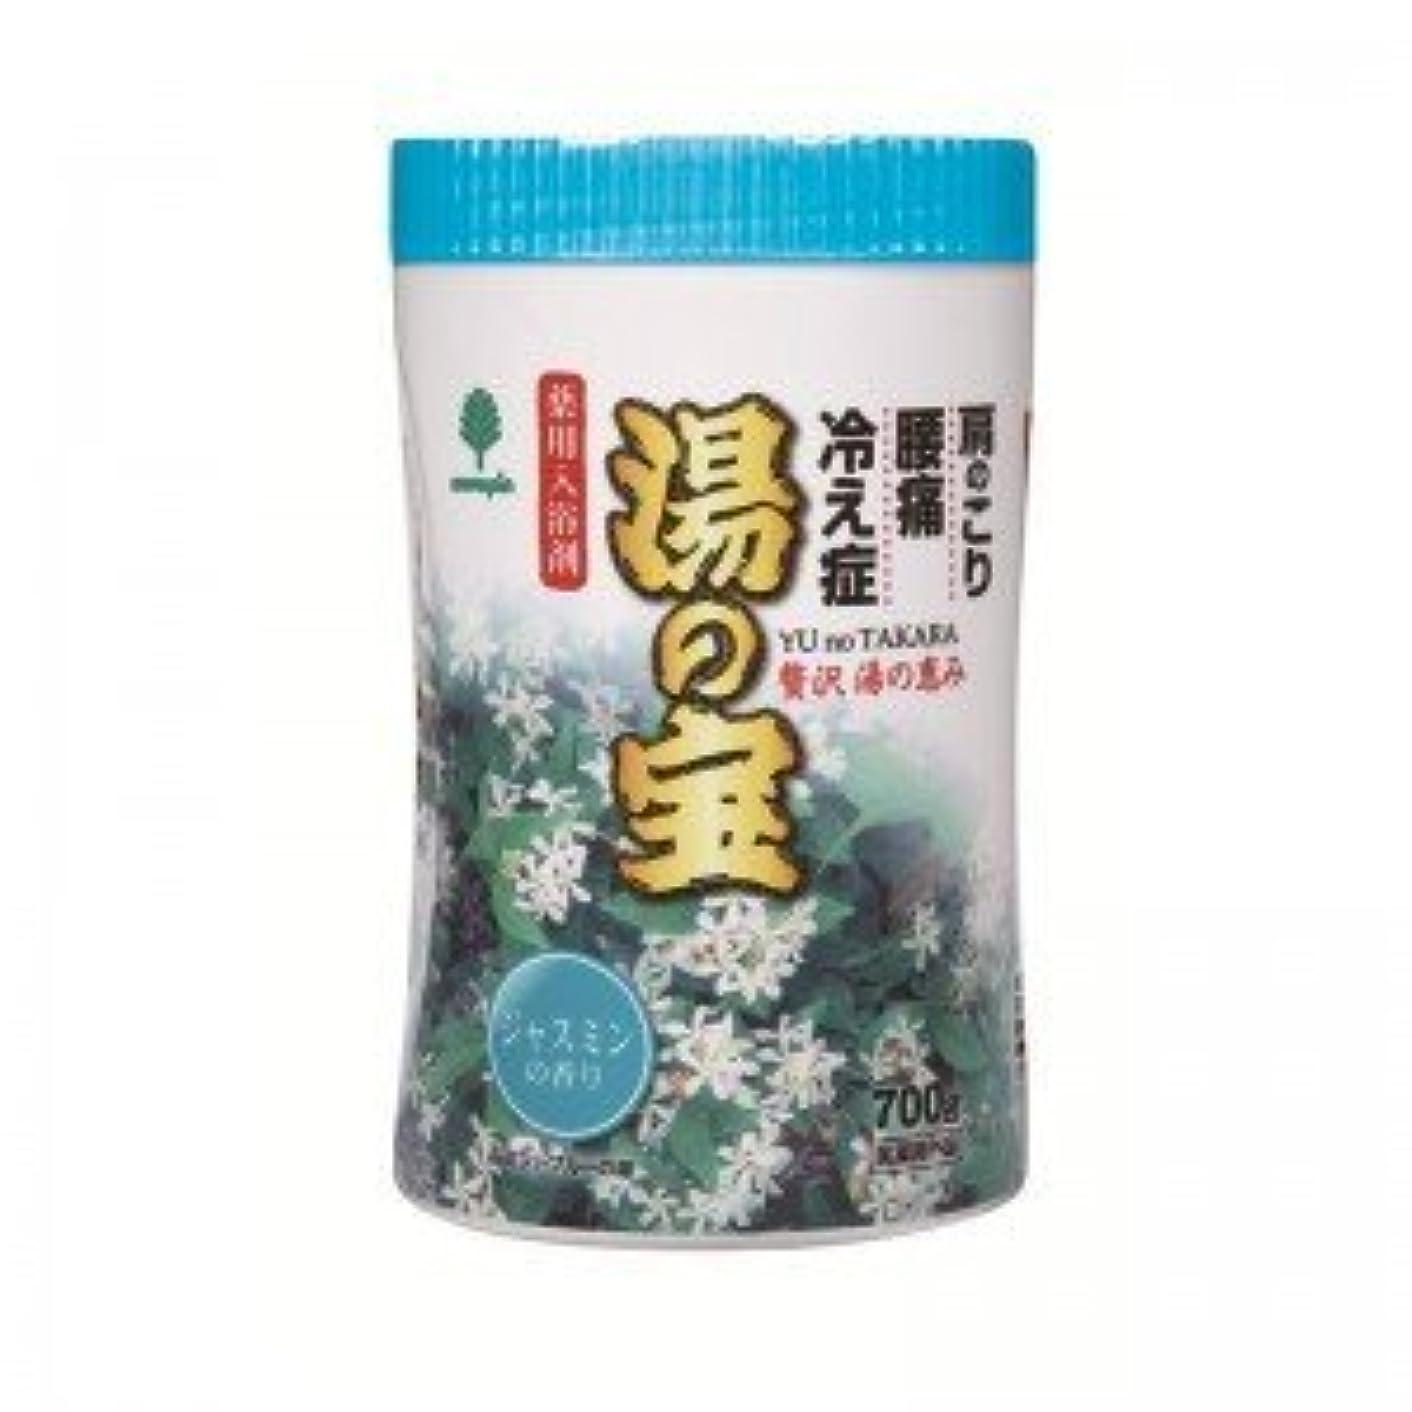 トラフィック心のこもった略す紀陽除虫菊 湯の宝 ジャスミンの香り (丸ボトル) 700g【まとめ買い15個セット】 N-0067